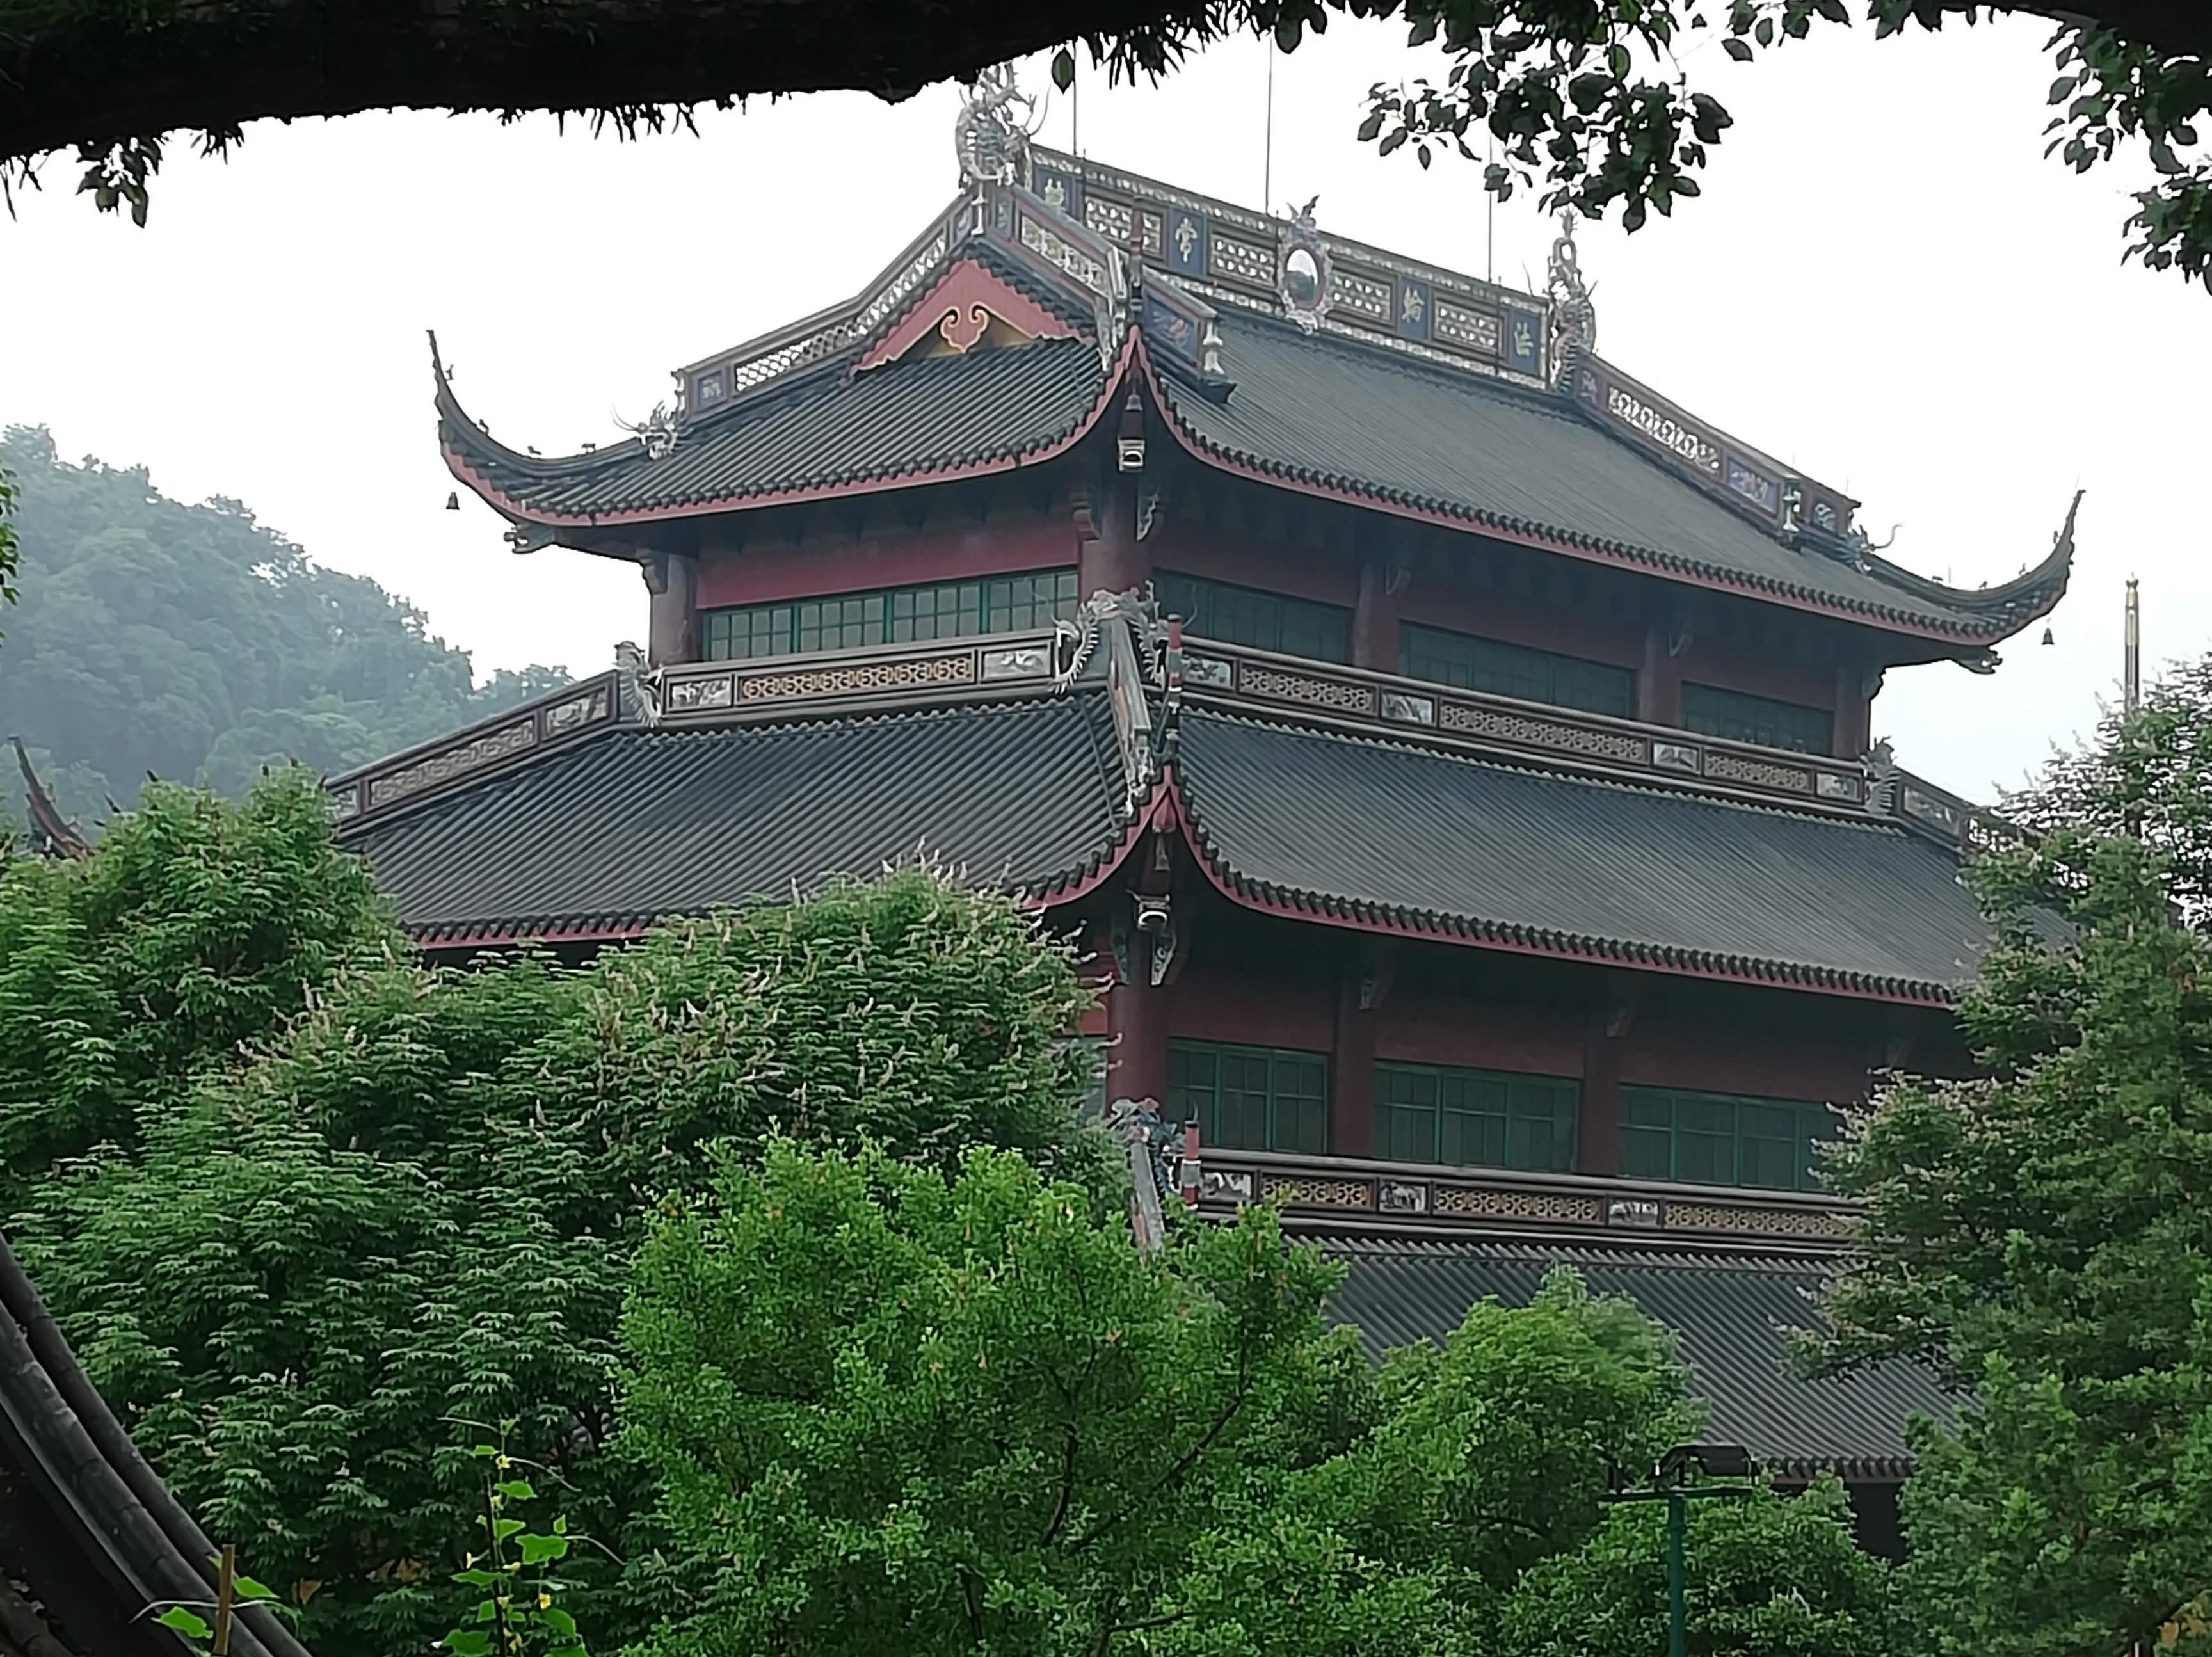 Lingyin Temple in Hangzhou, China